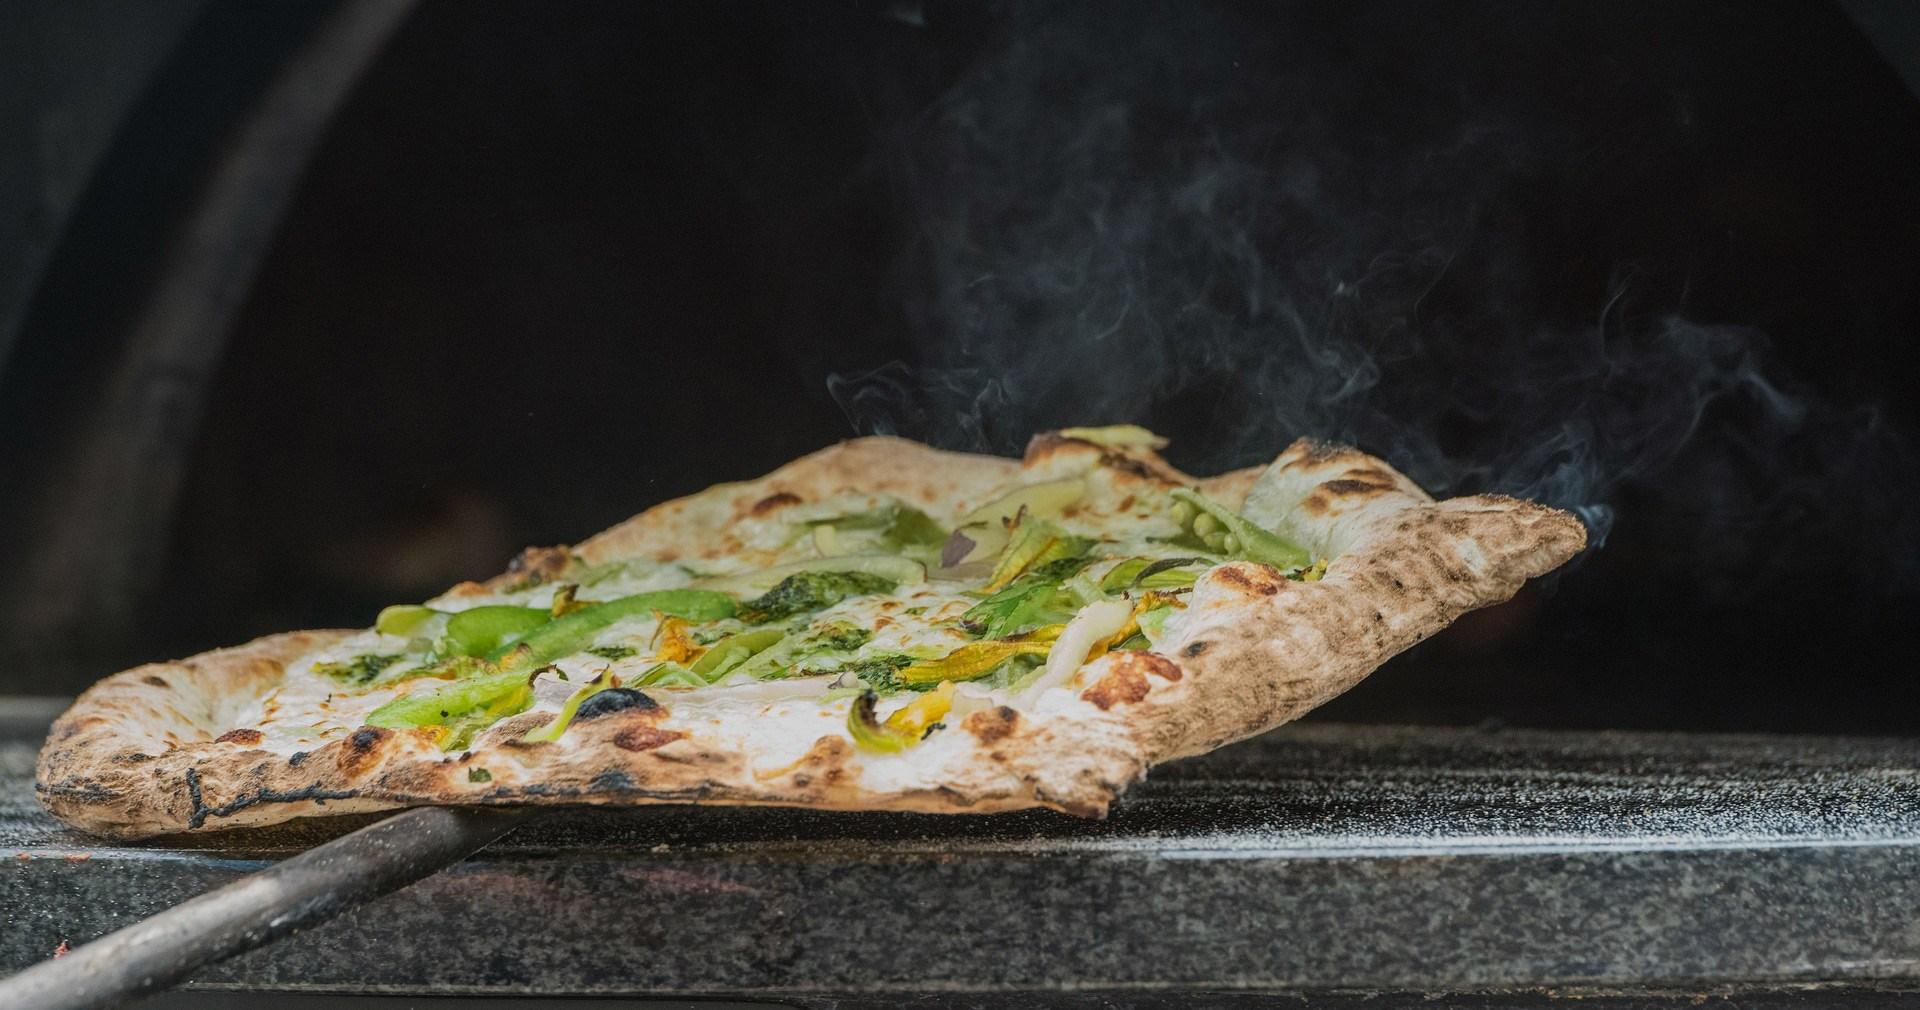 Choisir Une Plancha Professionnelle choisir son four à pizzas professionnel : les conseils des